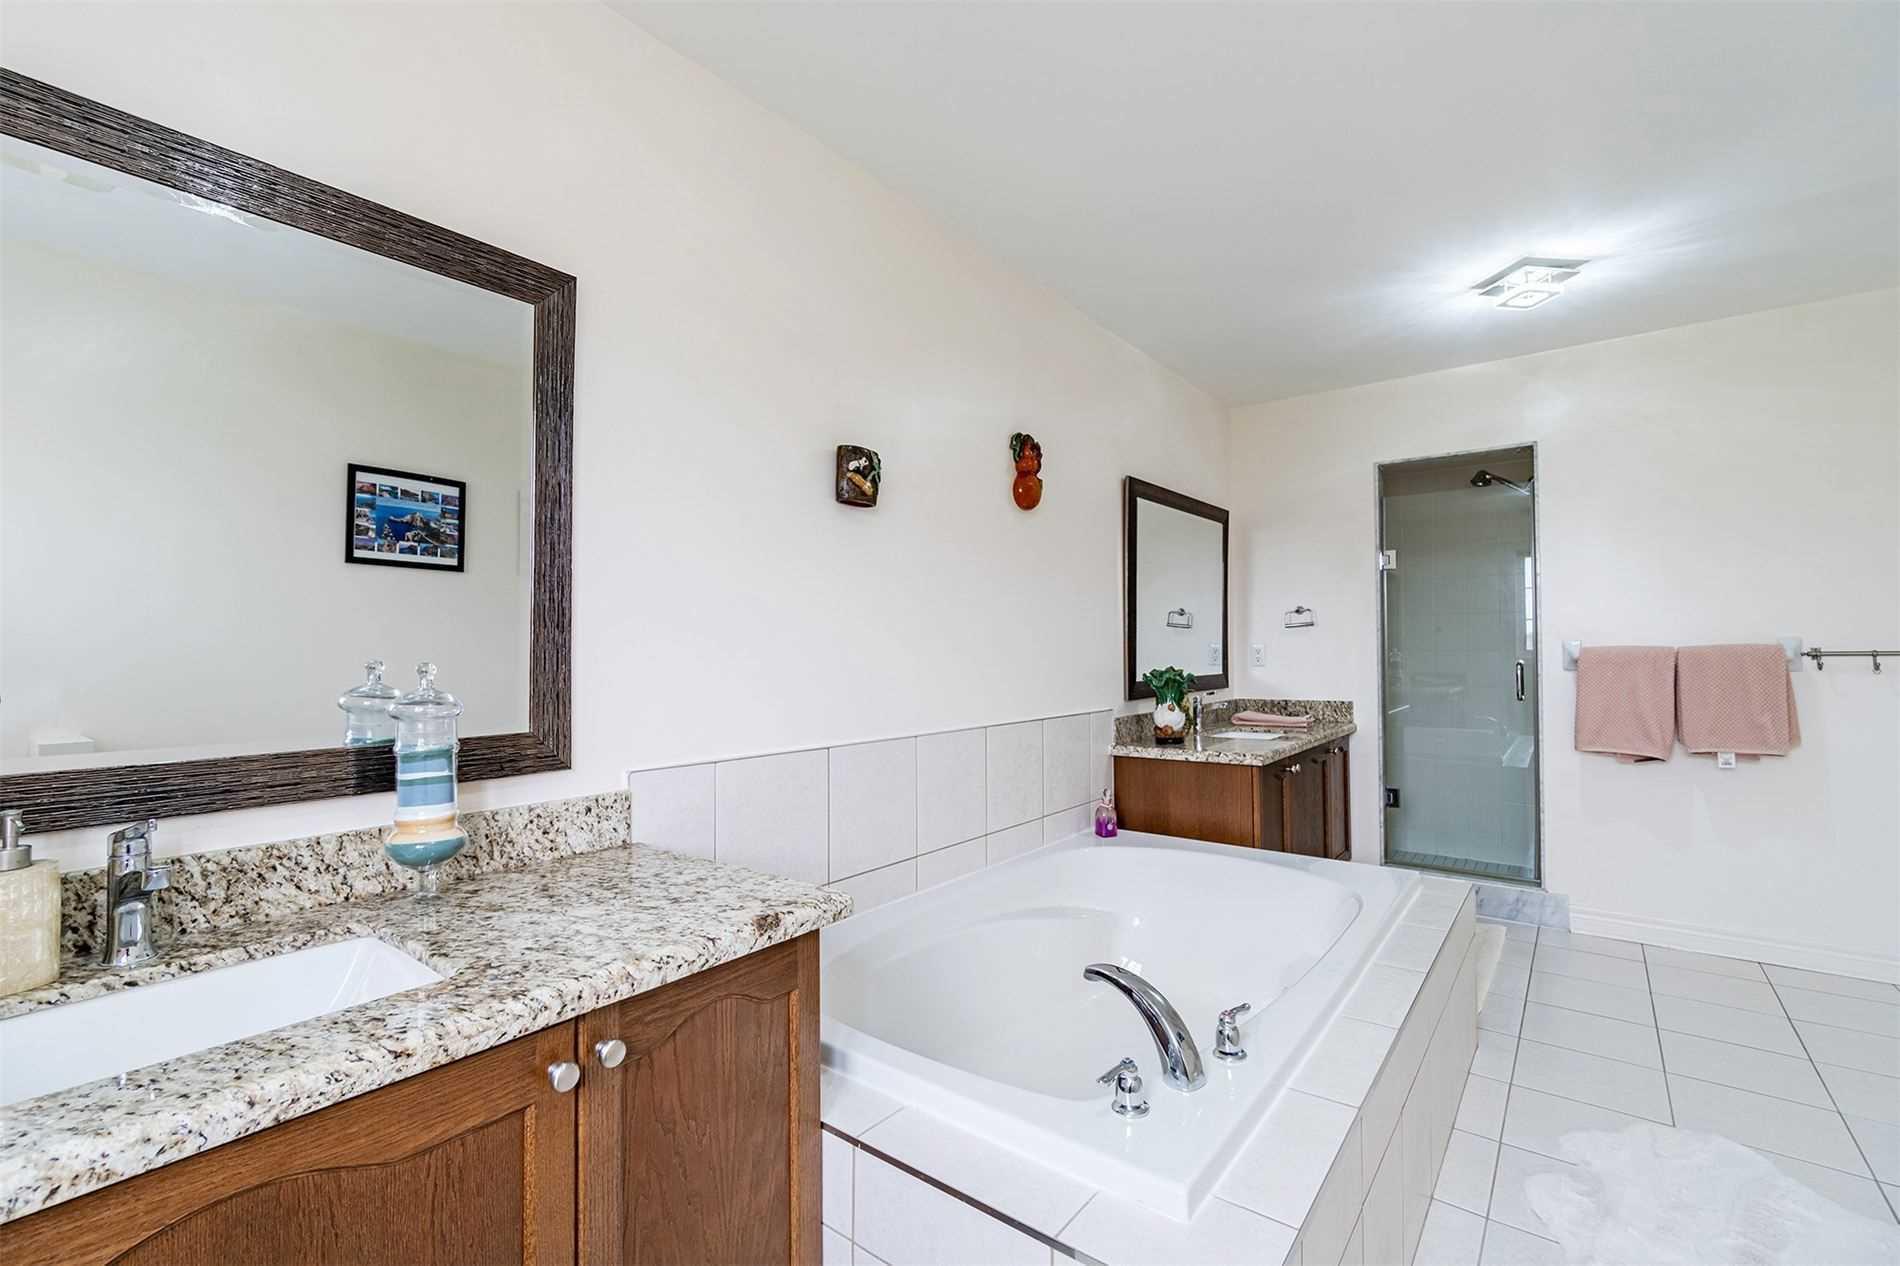 865 Stoutt Cres - Coates Detached for sale, 4 Bedrooms (W5399927) - #21